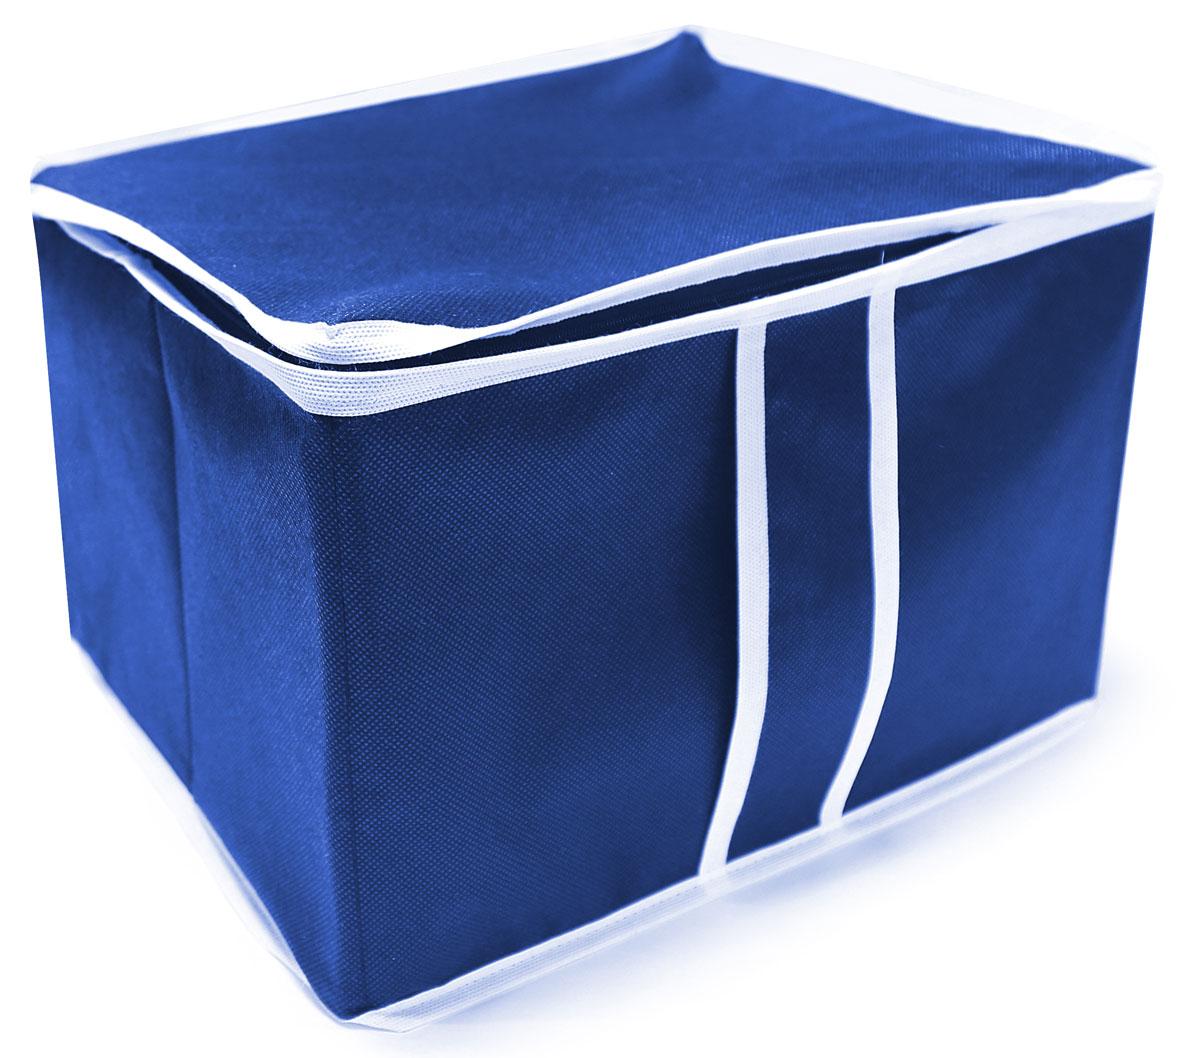 Органайзер для хранения Ева Василек, цвет: синий, 35 х 30 х 25 смЯ4610Раскладная коробка для стеллажей и антресолей из спанбонда. Позволит сэкономить место при хранении. Закрывается крышкой на молнии, твердые стенки и дно. Изготовлена из дышашего материала.